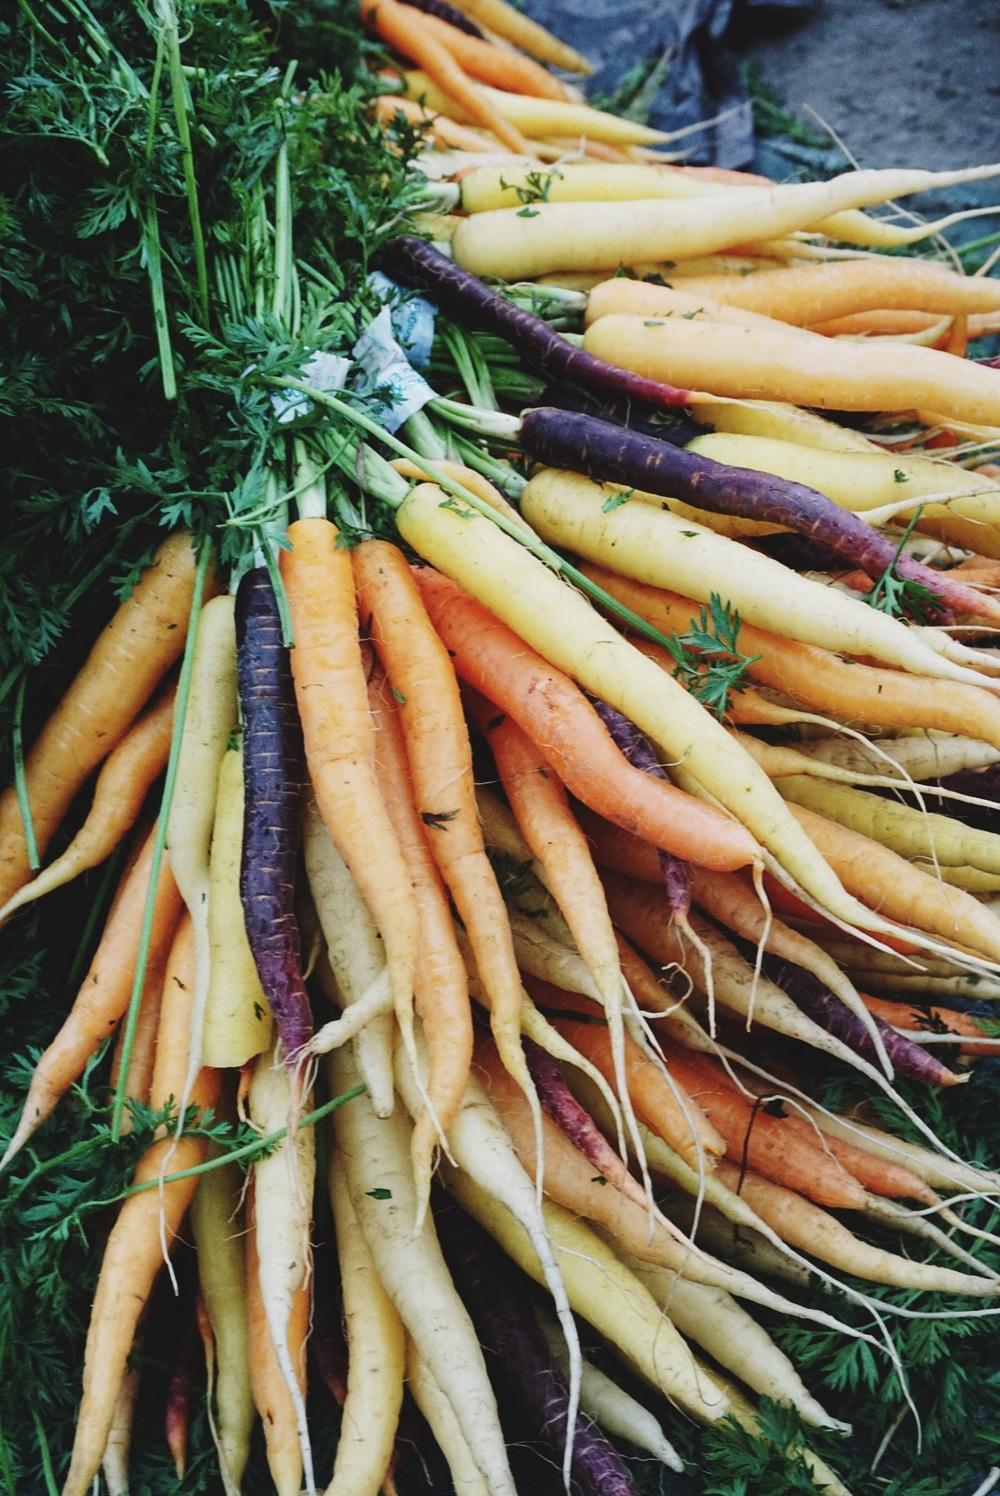 Morötter bondens marknad.jpg